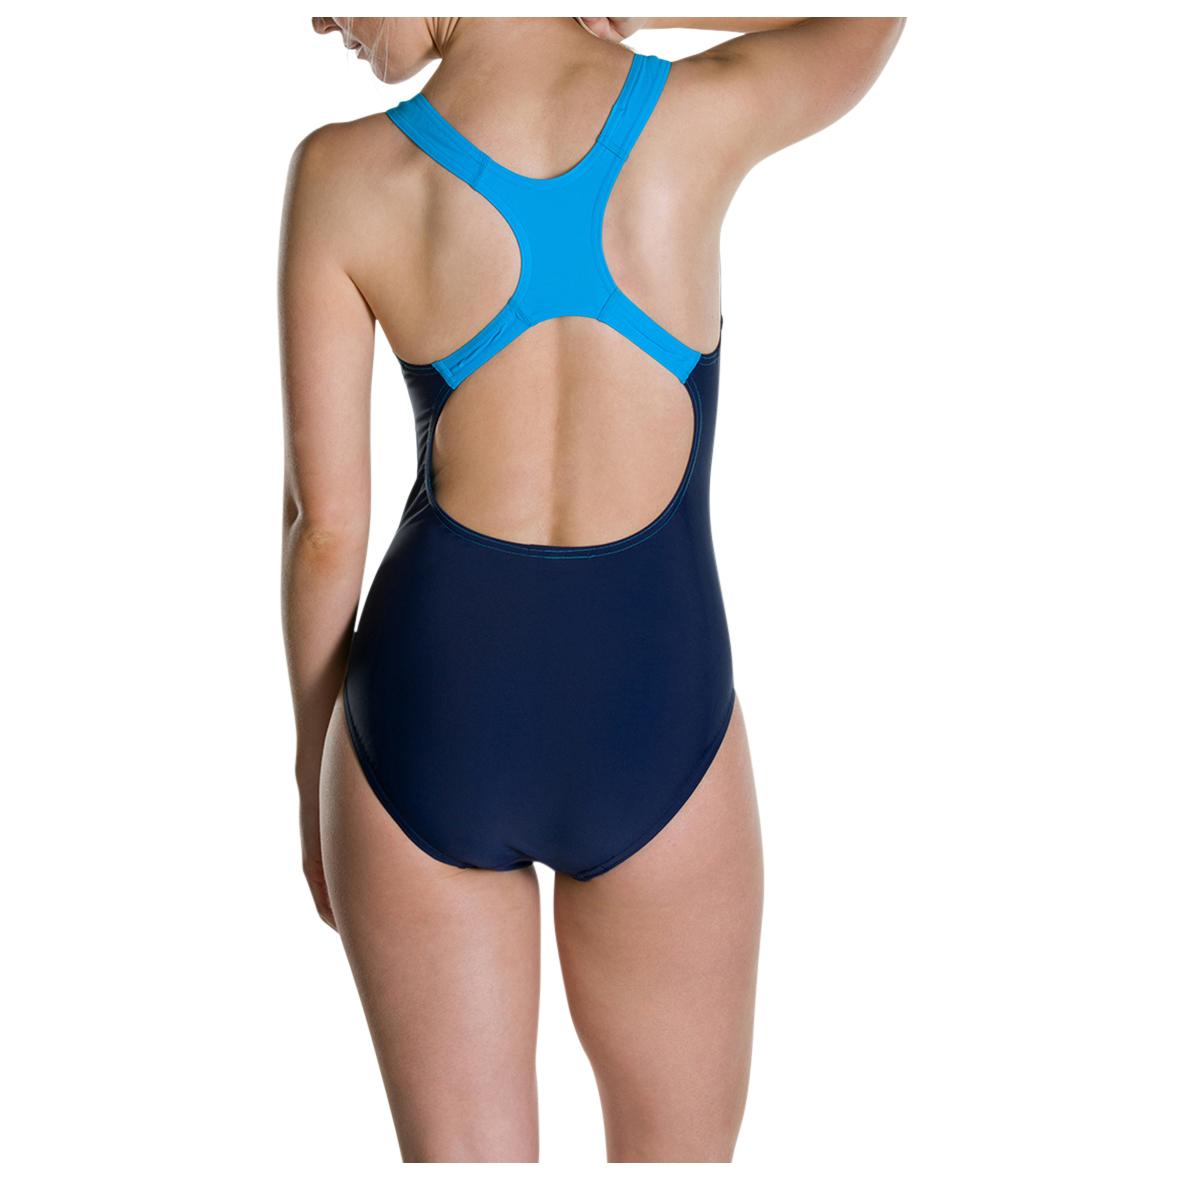 dd459511abe Speedo Gala Logo Medalist - Swimsuit Women's | Buy online ...